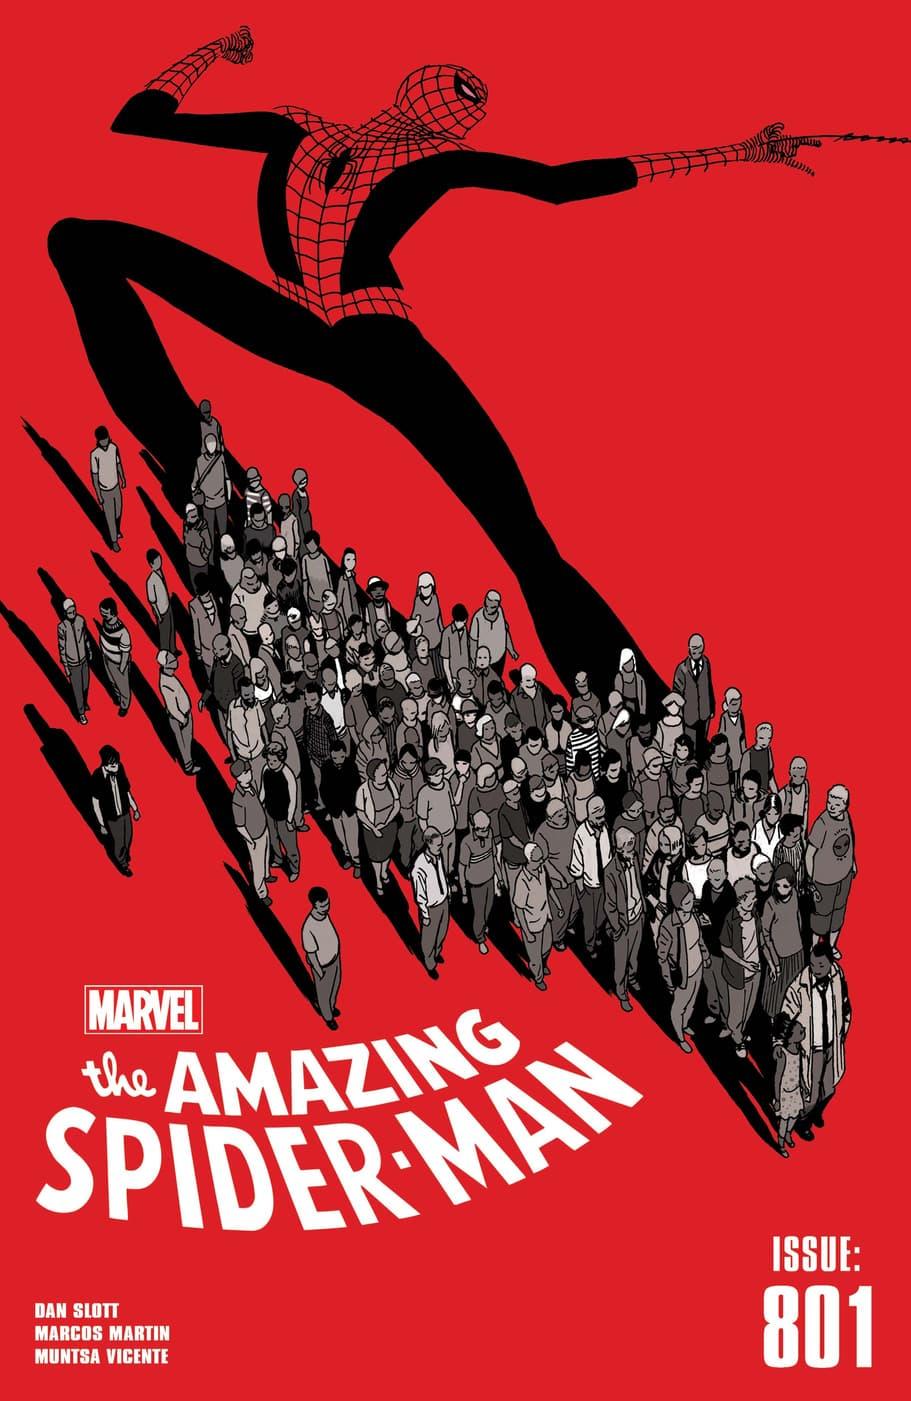 Amazing Spider-Man #801